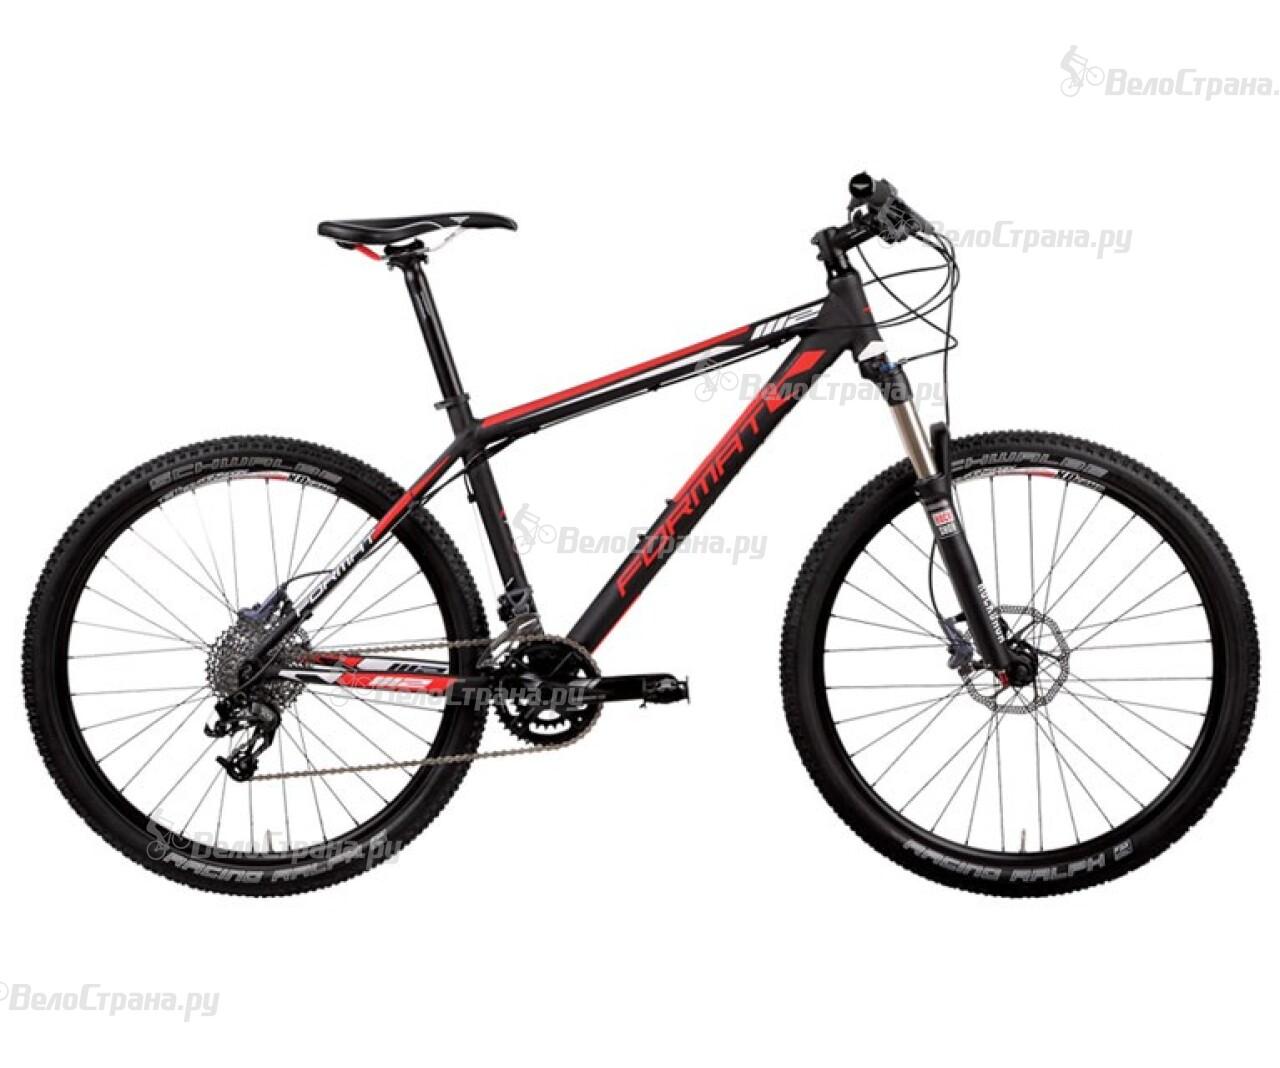 Велосипед Format 1112 (2014) велосипед format 1212 2014